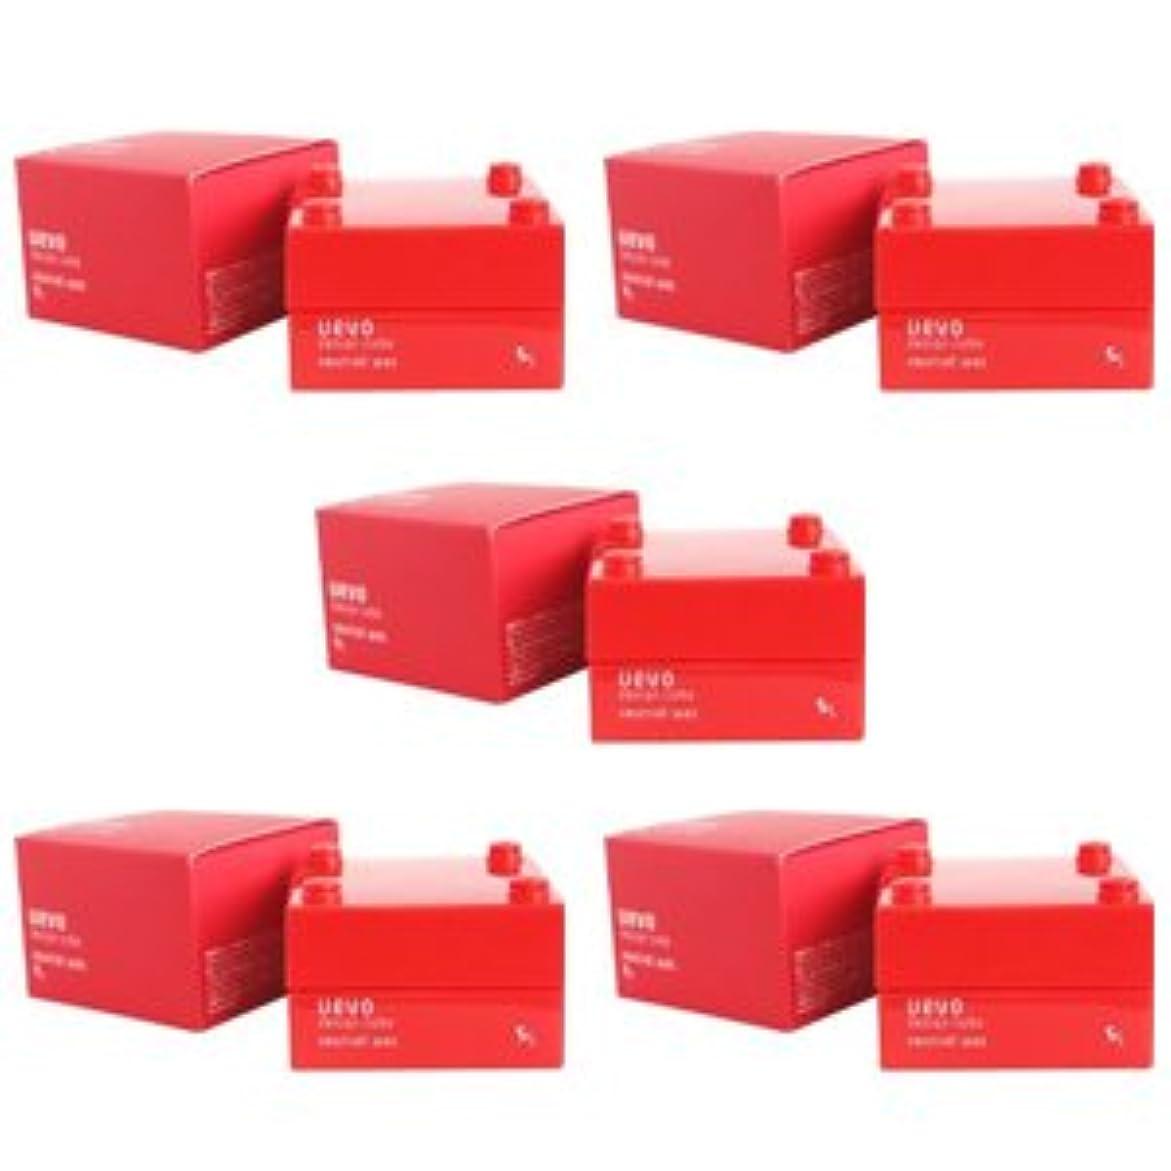 解放内部合併症【X5個セット】 デミ ウェーボ デザインキューブ ニュートラルワックス 30g neutral wax DEMI uevo design cube